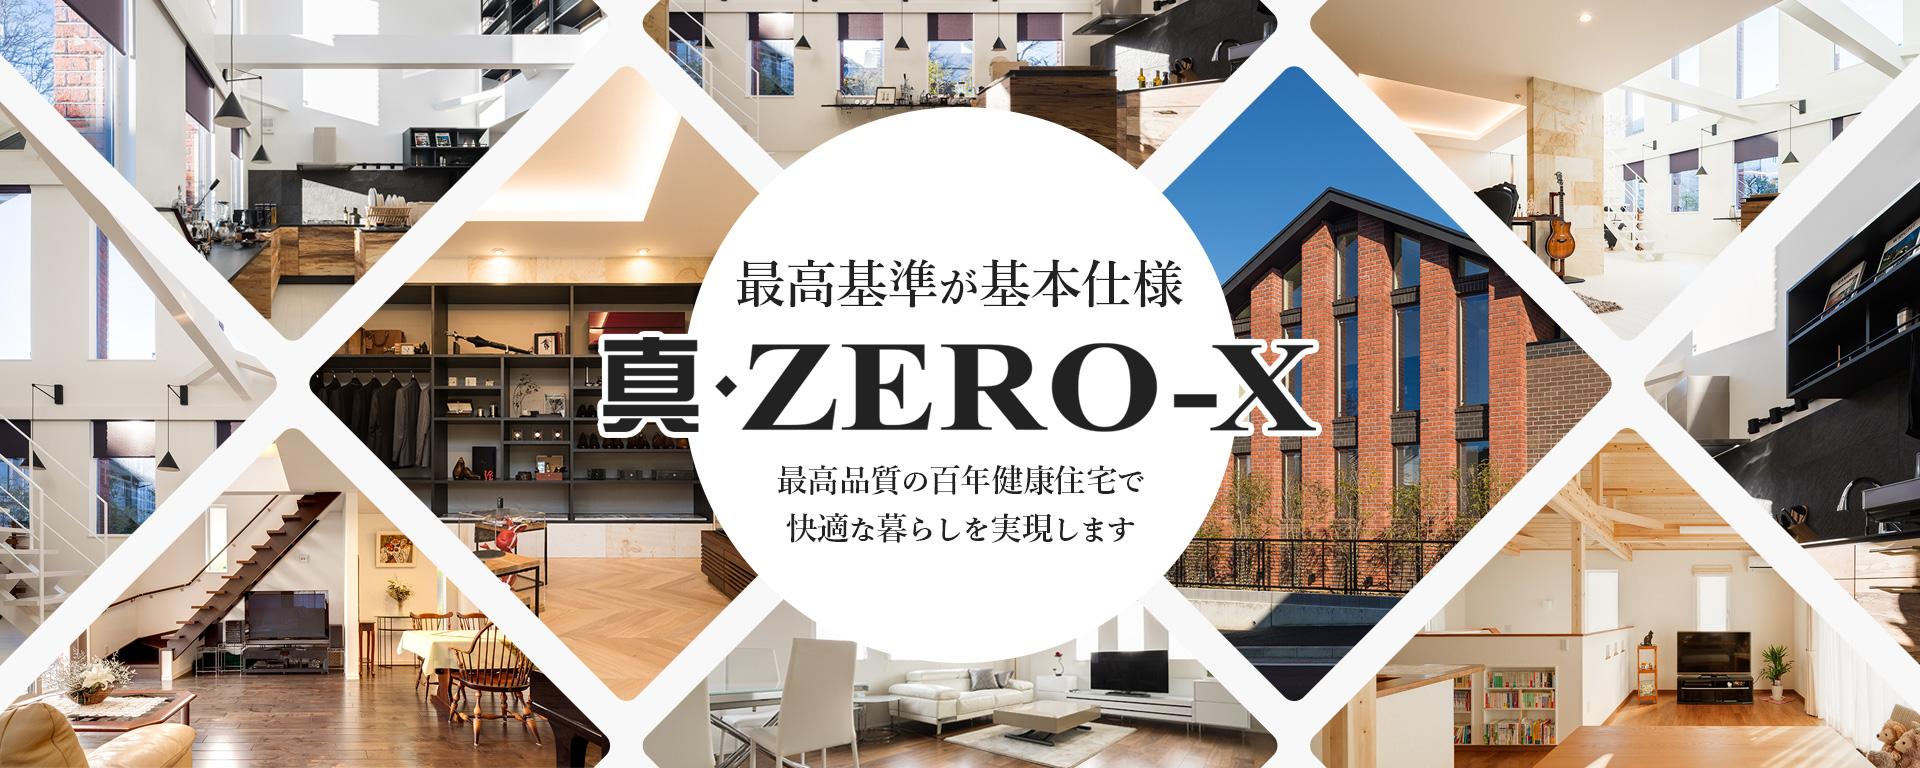 横浜市のゼロエネルギー注文住宅